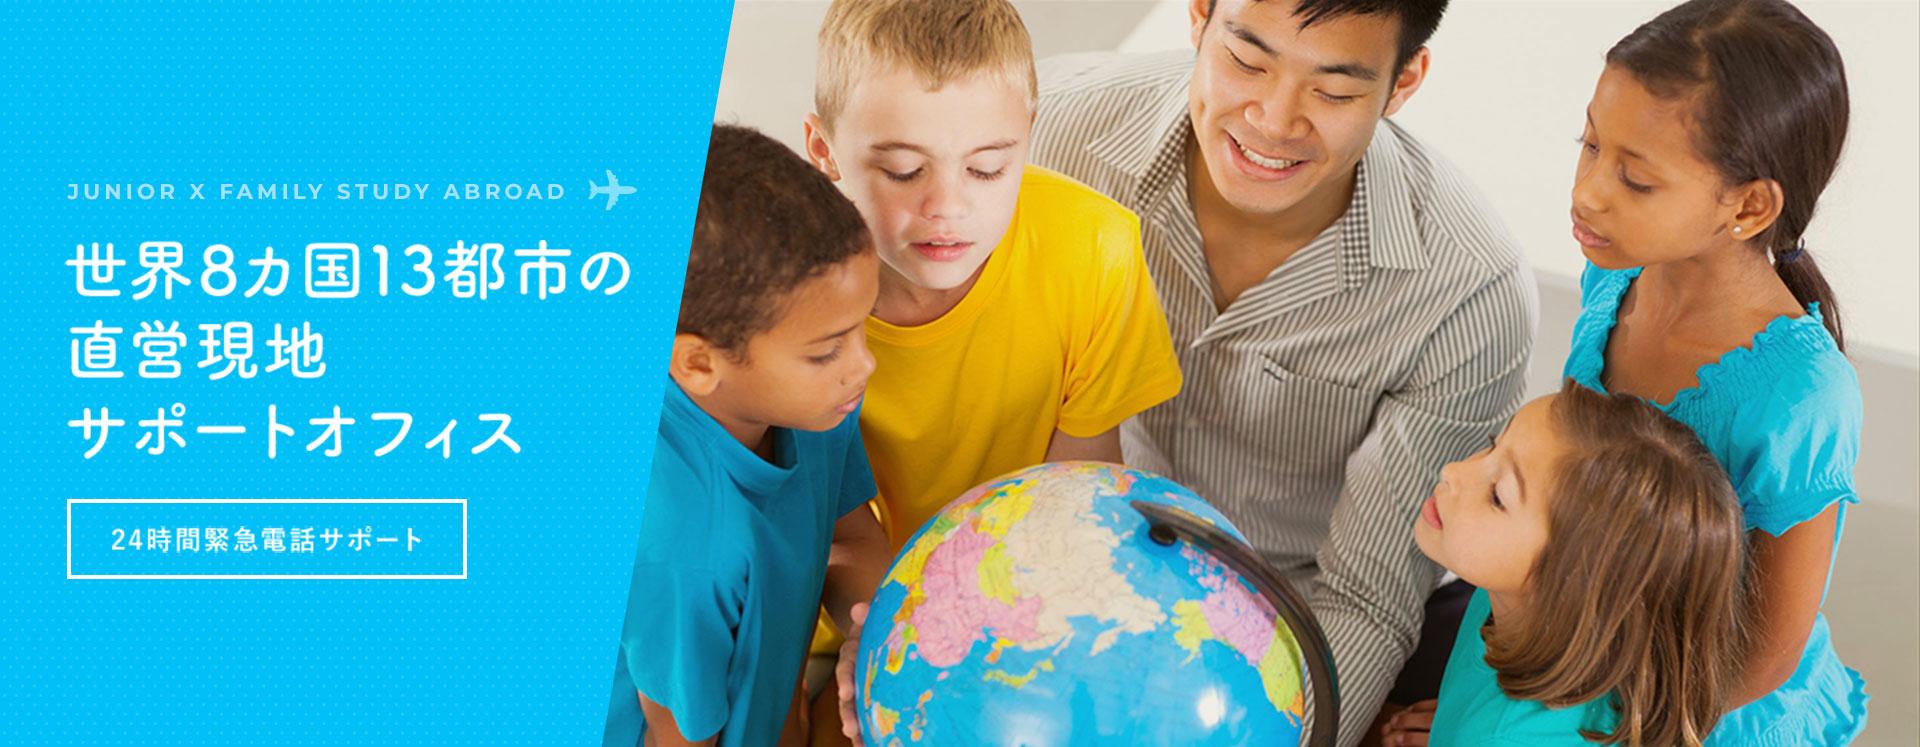 世界8ヵ国13都市の直営現地サポートオフィス